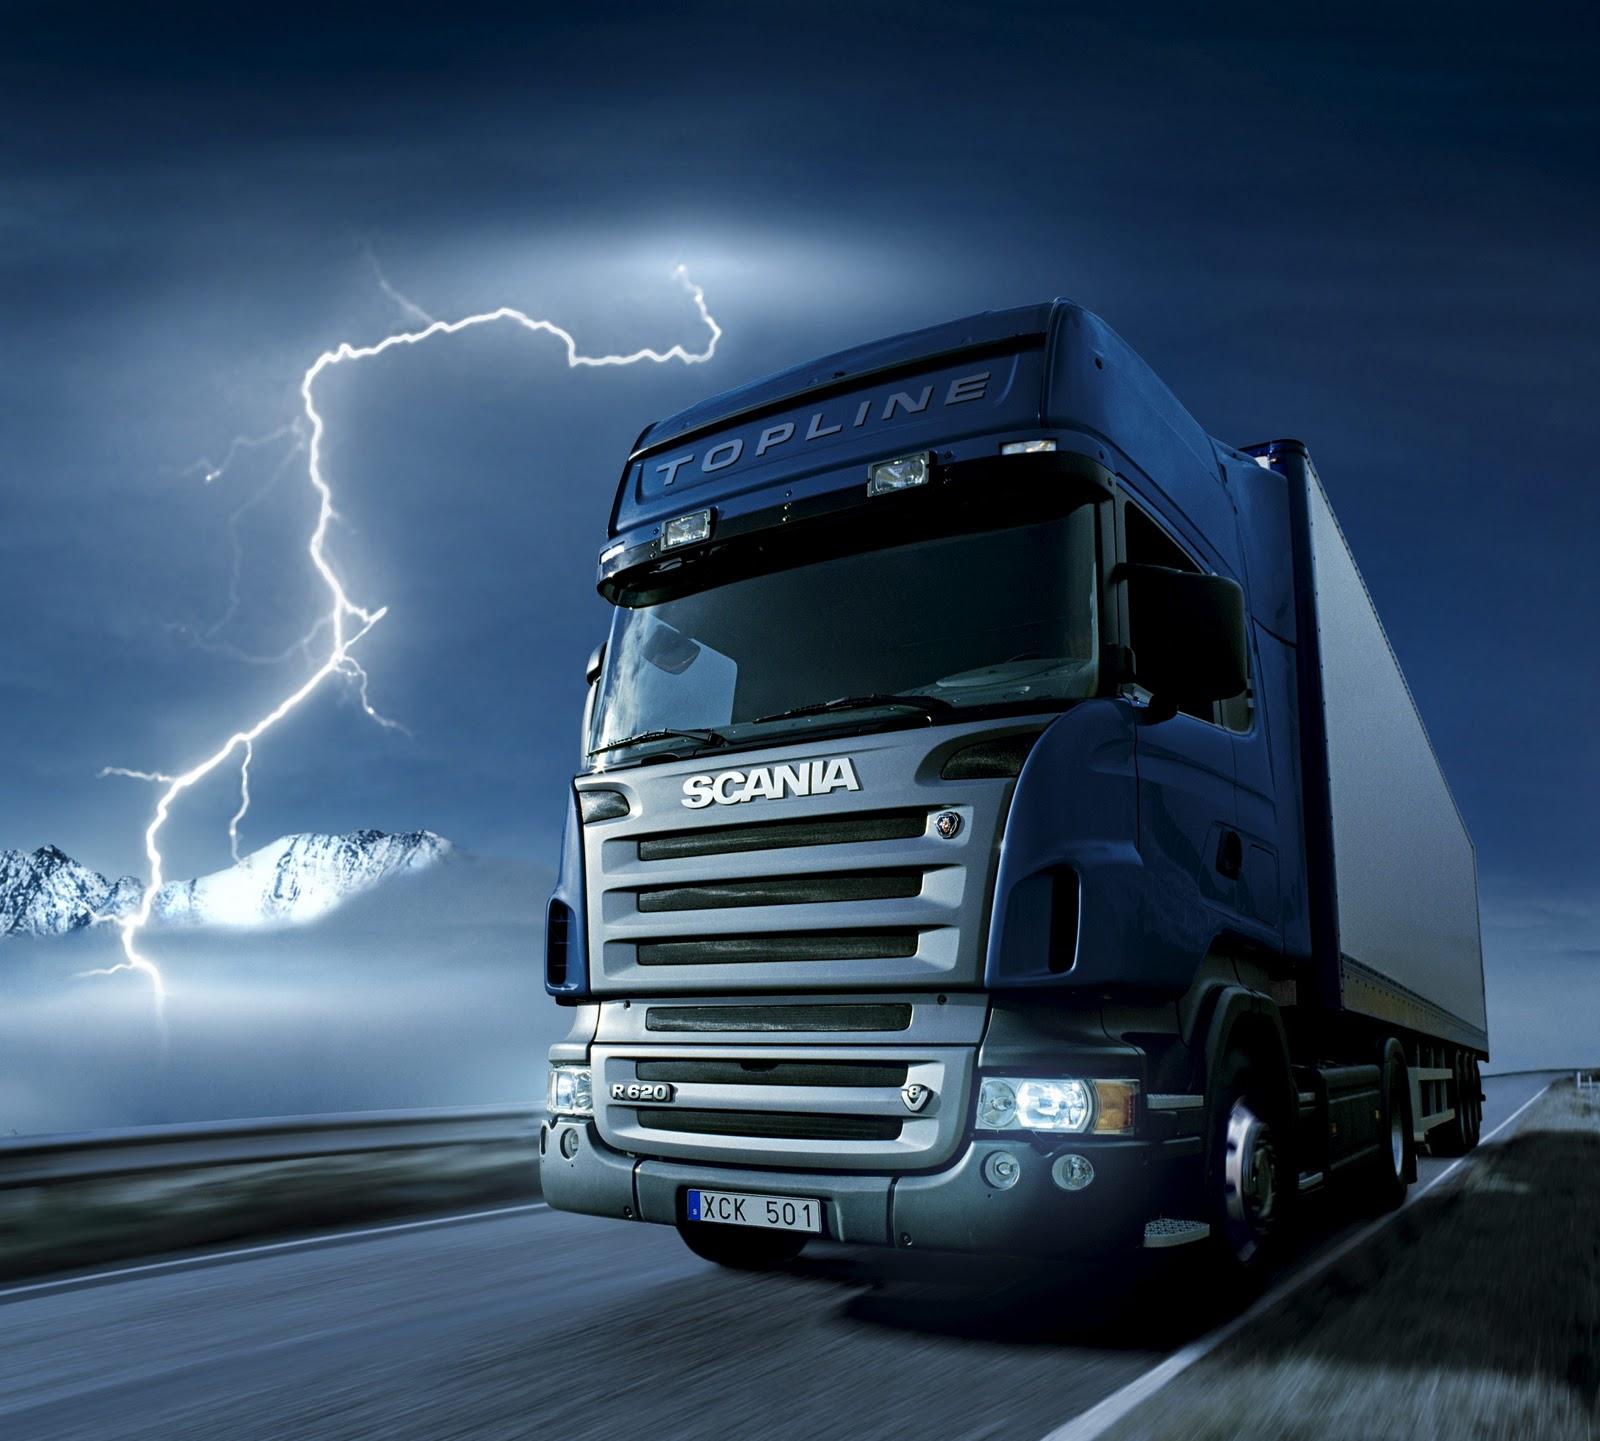 AAAAAAAABC8FsOPviOfttMs1600amo caminhoes wallpaper truck 54jpg 1600x1441